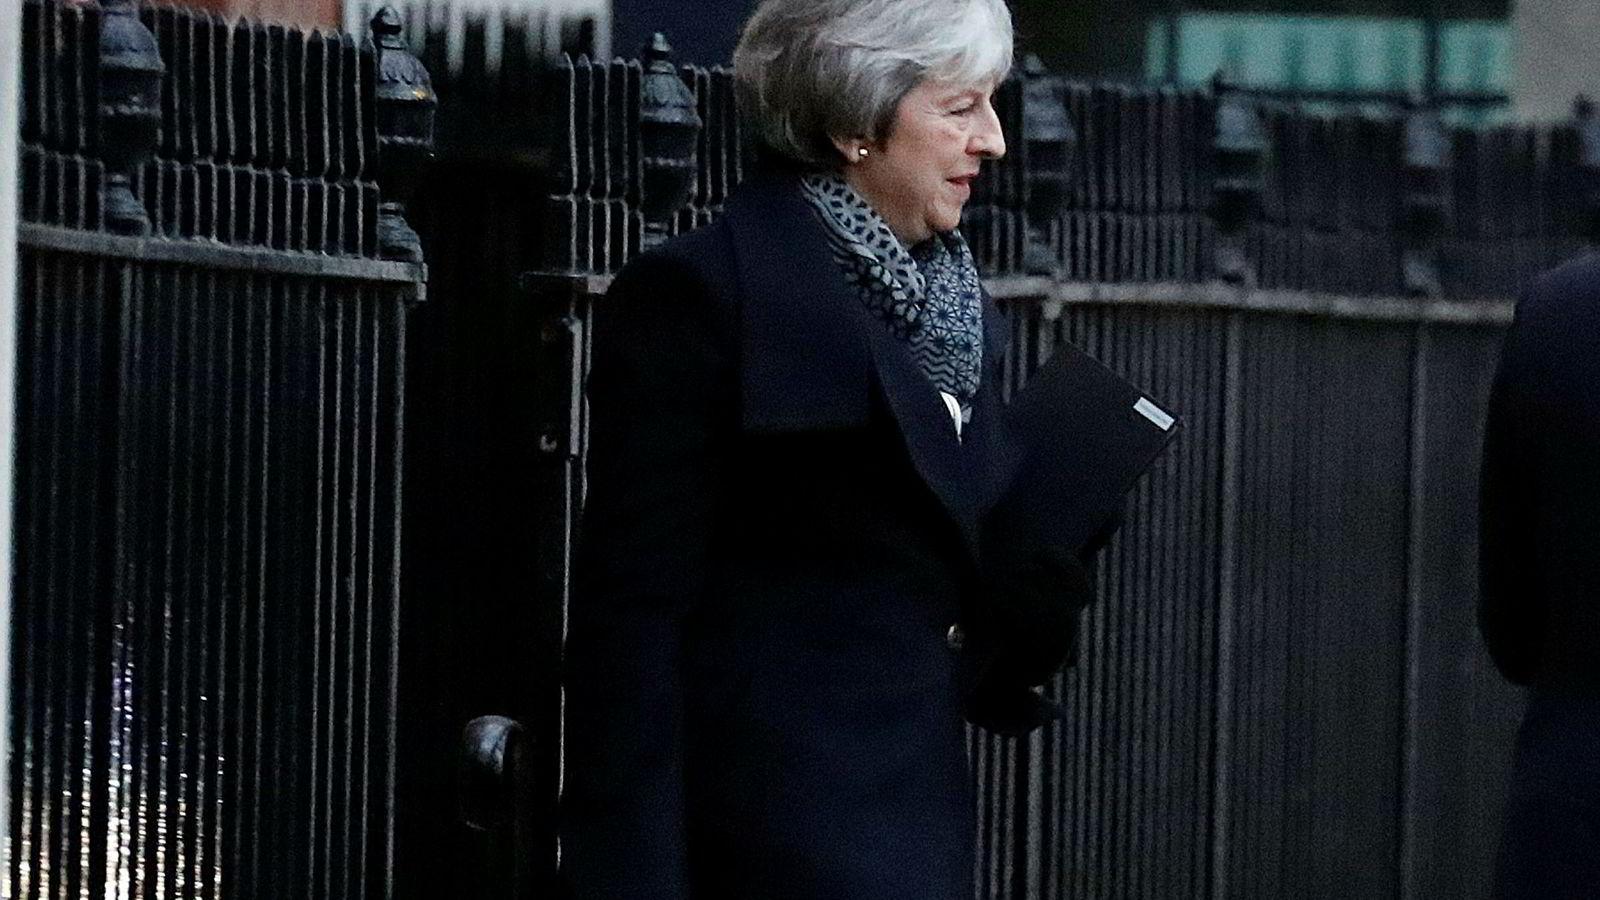 Britenes statsminister Theresa May går mot et sviende nederlag tirsdag kveld. Men mangelen på alternativer gjør at hun sannsynligvis blir sittende, i hvert fall på kort sikt.